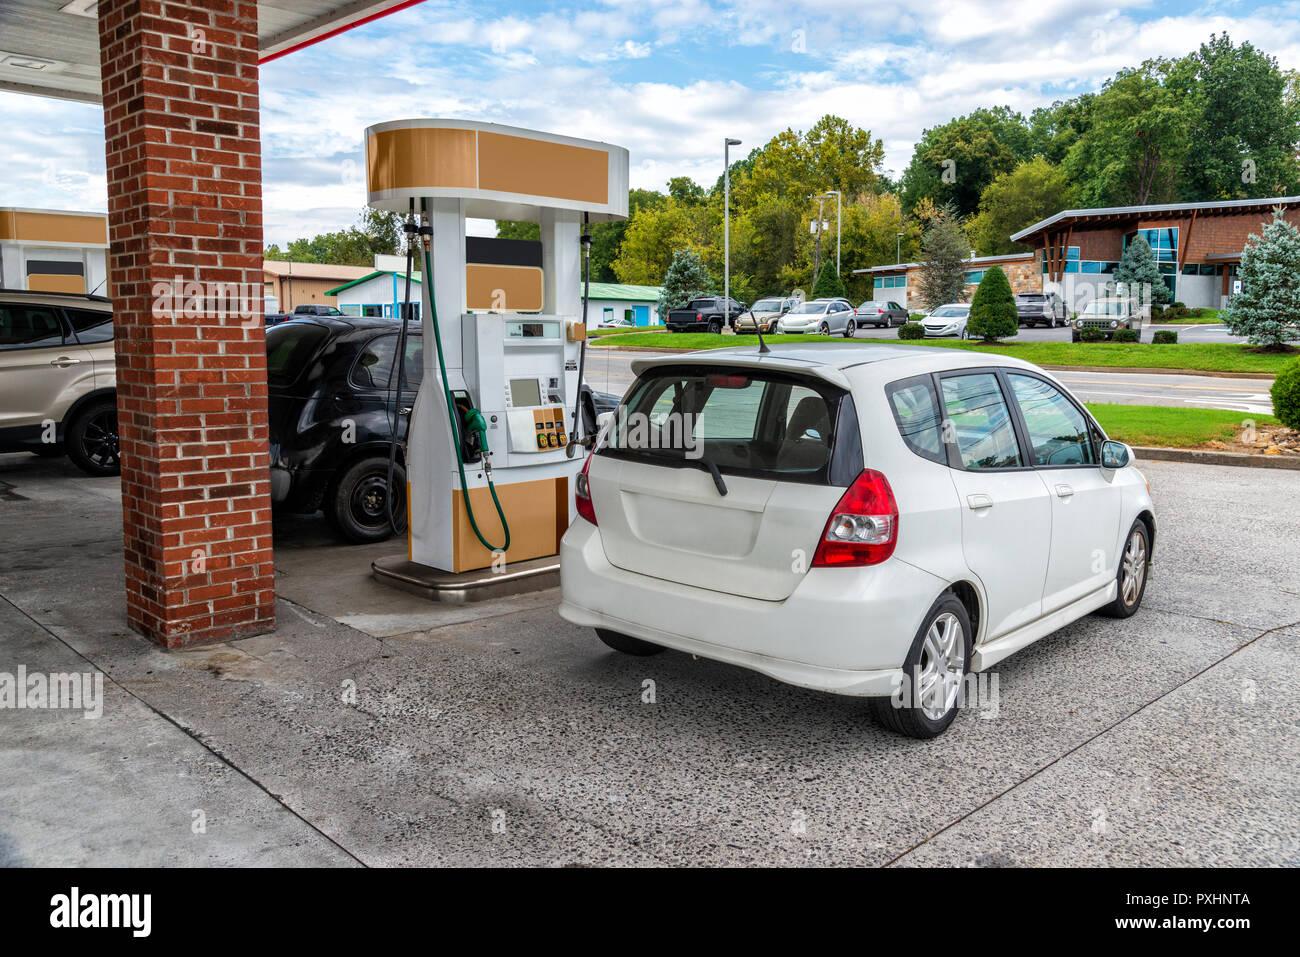 D'un coup horizontal Compact Générique voiture Achat d'essence à un dépanneur. Toutes les marques et signes visibles ont été supprimés. Photo Stock